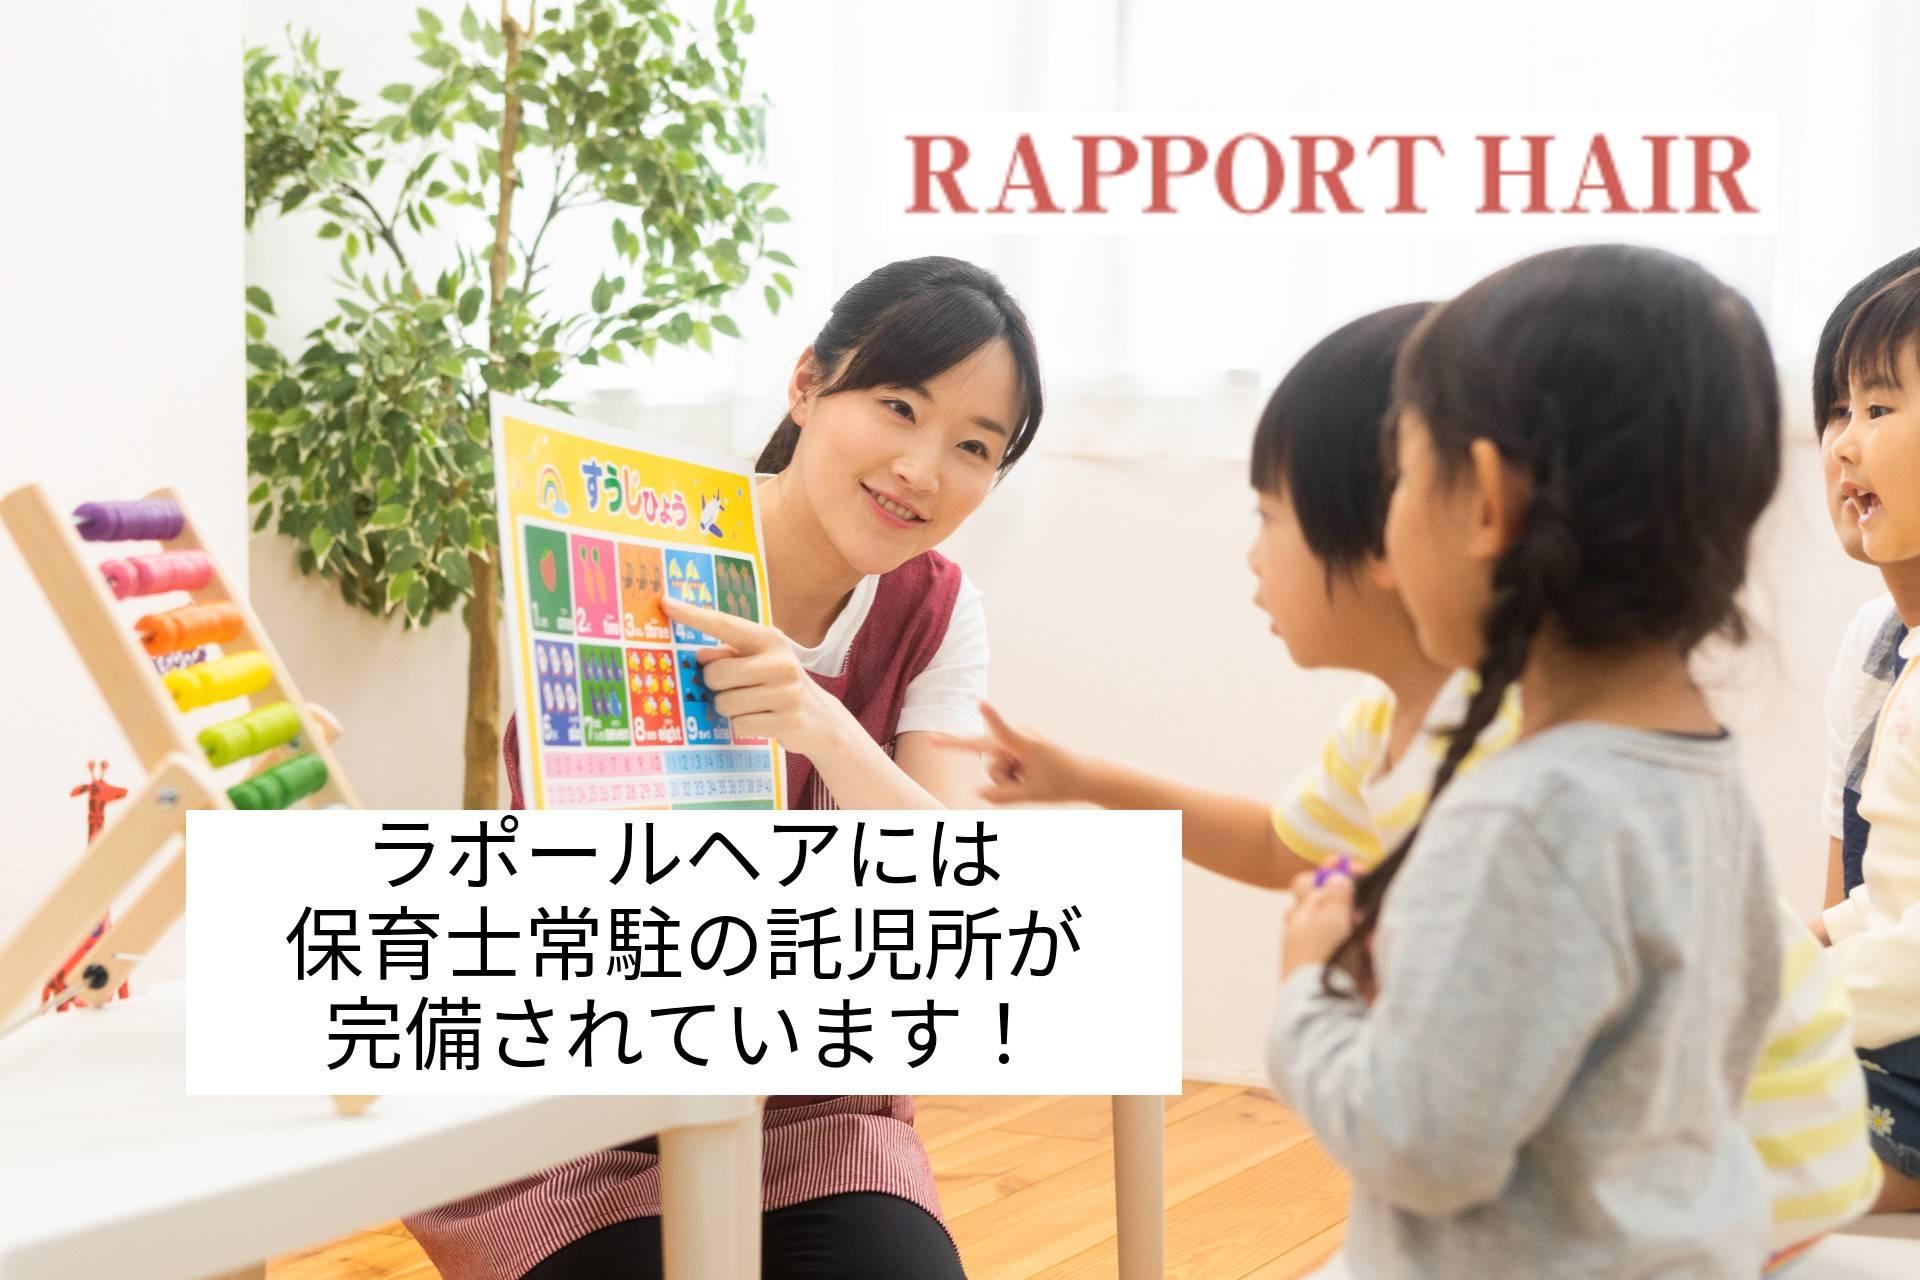 ラポールヘア仙台長町店